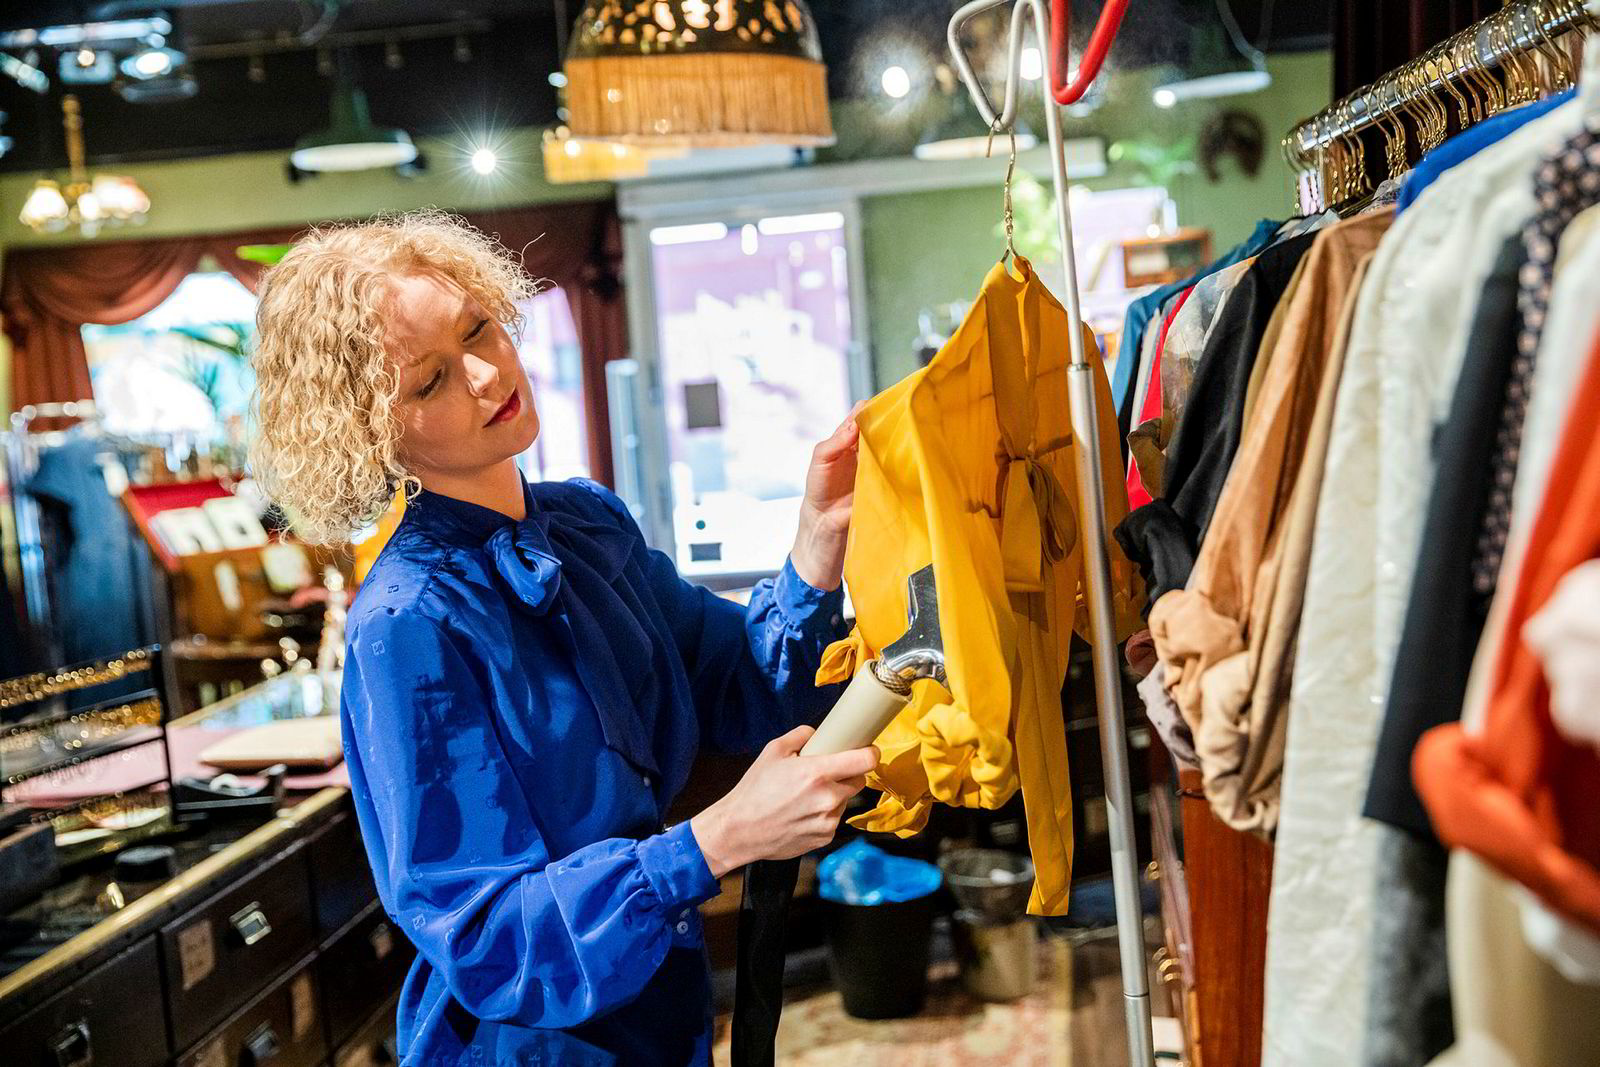 Karoline Gullberg gjør klar bluser for fotografering, de jobber for å få solgt mest mulig på nett når kundene uteblir i butikken.